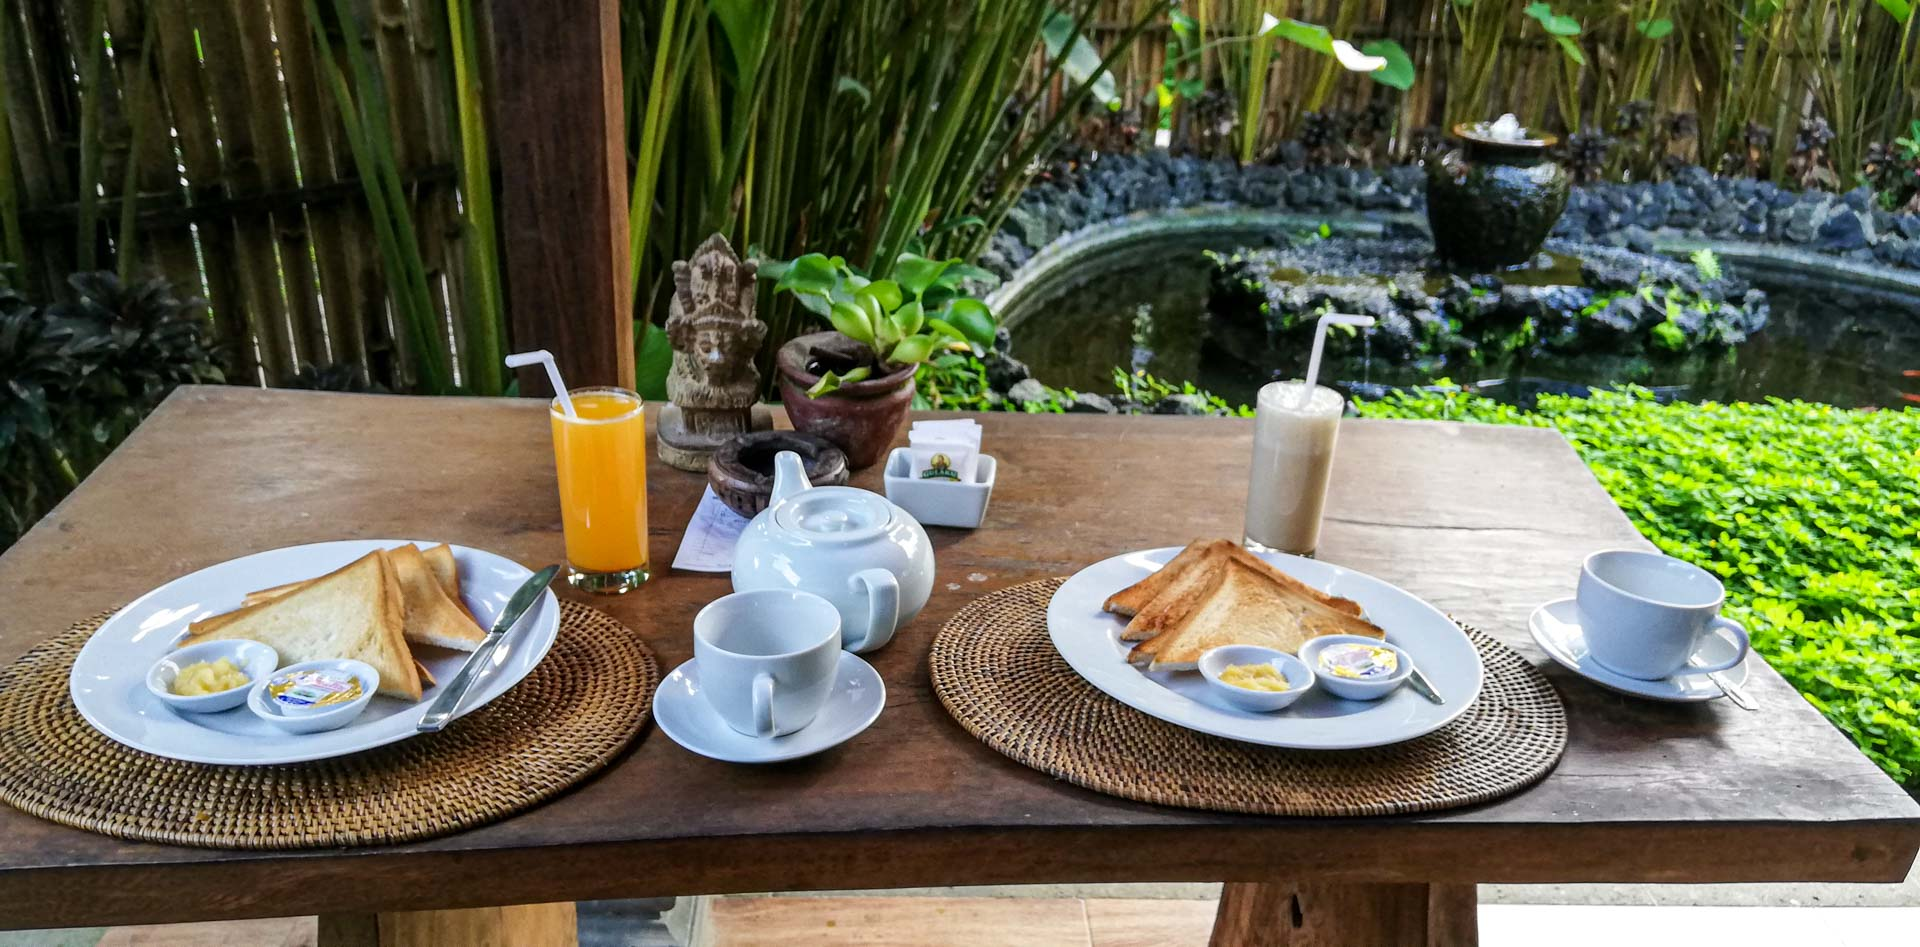 Desayuno mediterráneo en Kishi - Kishi Ubud Villas, Bali